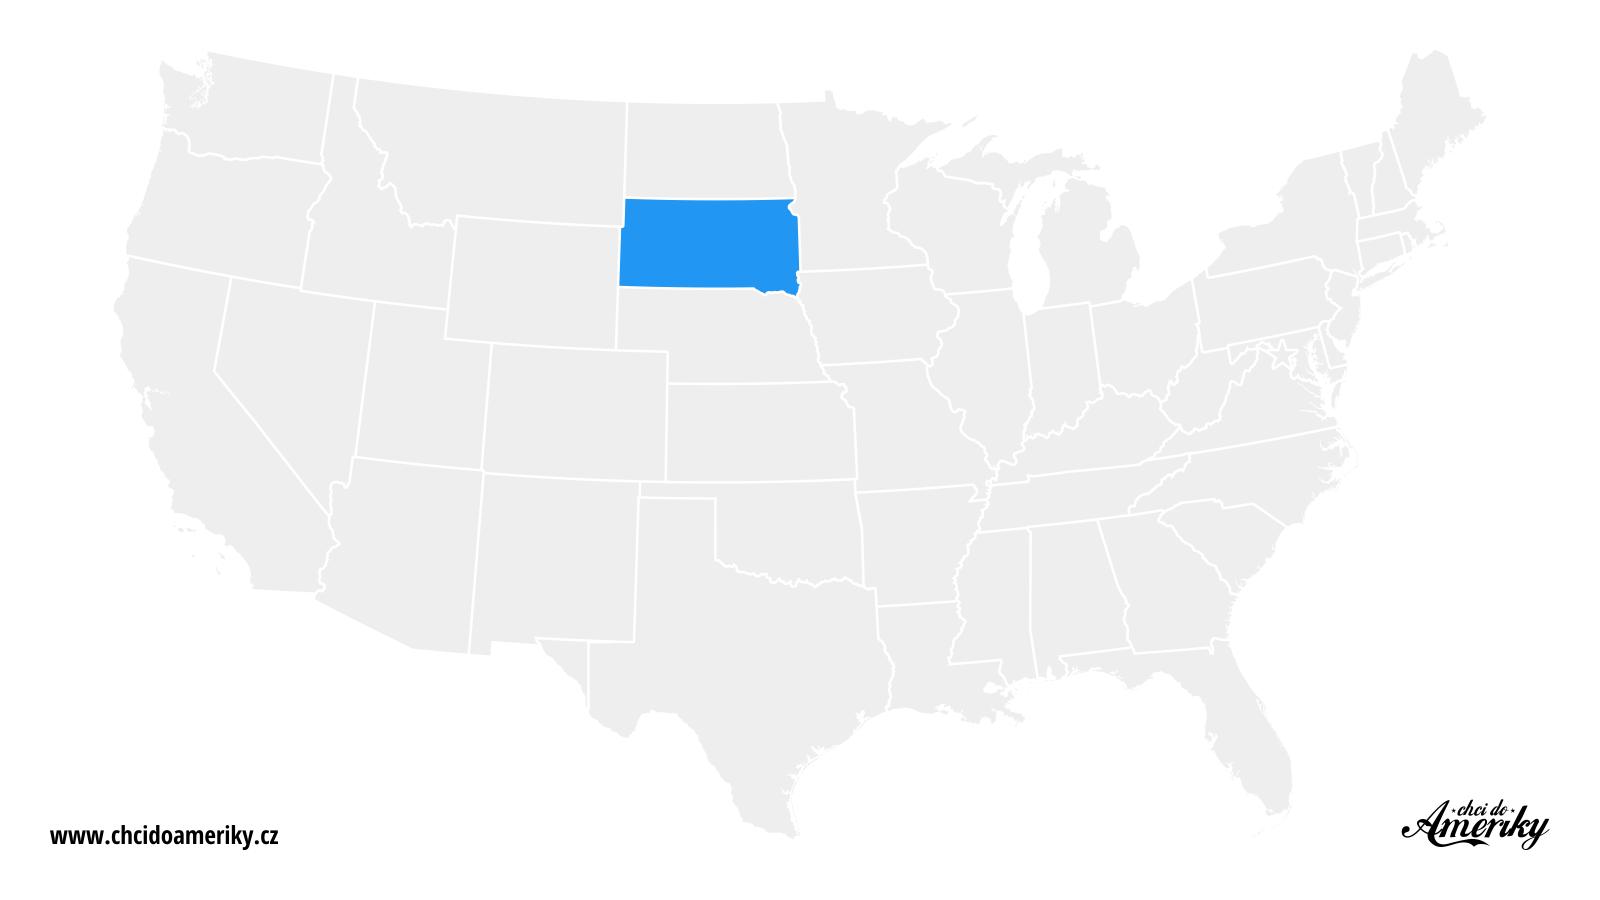 Mapa Jižní Dakoty / Kde je Jižní Dakota?